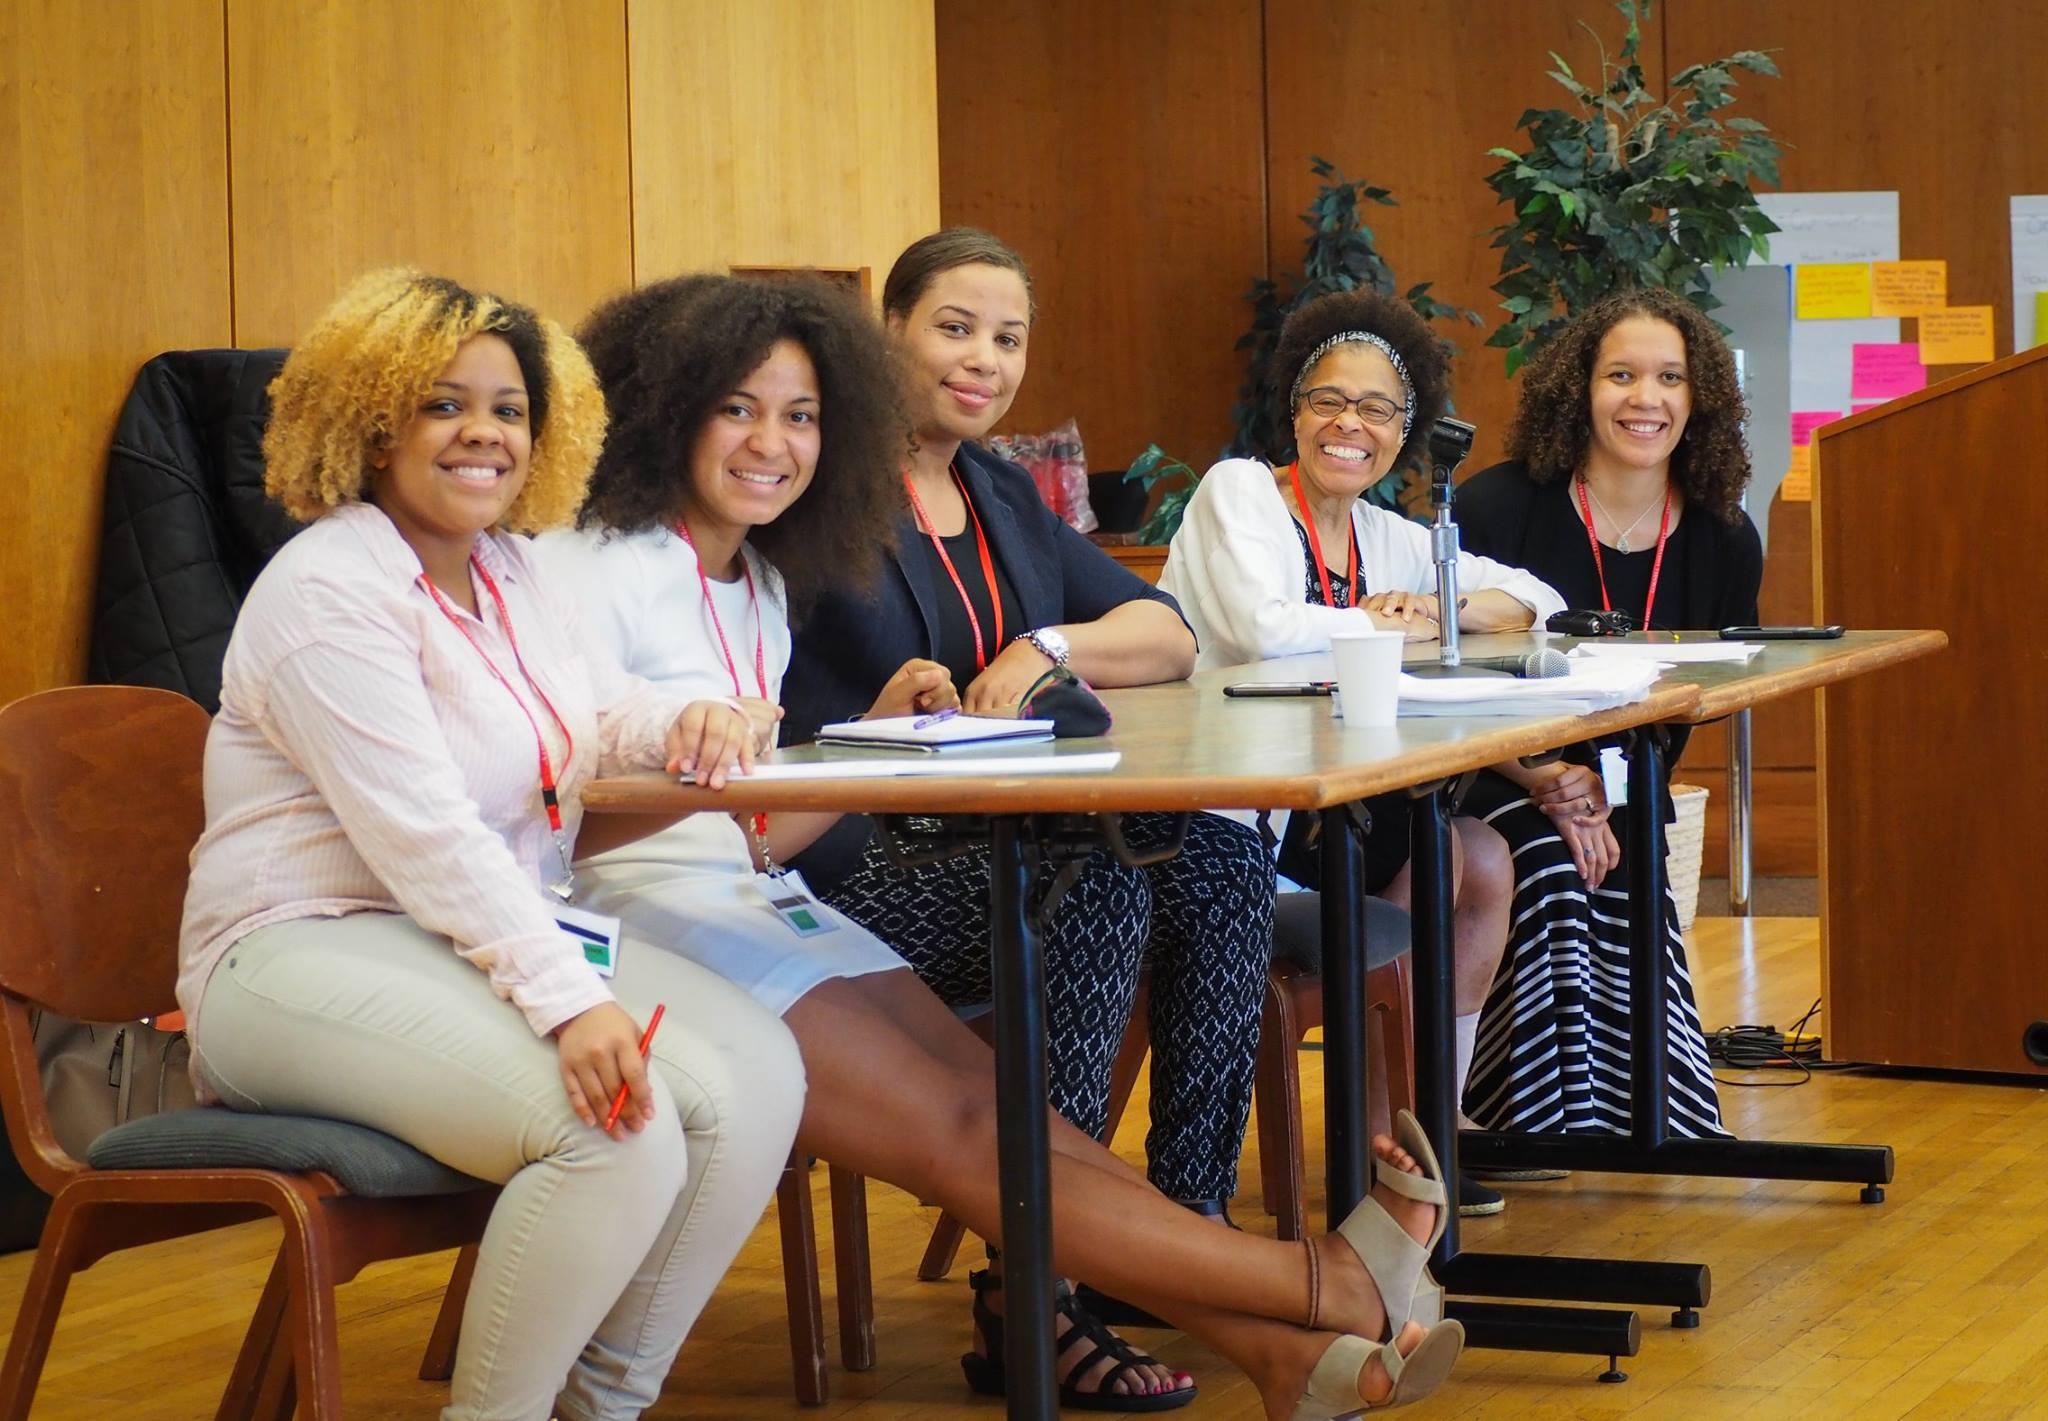 Summer Conference Hosting